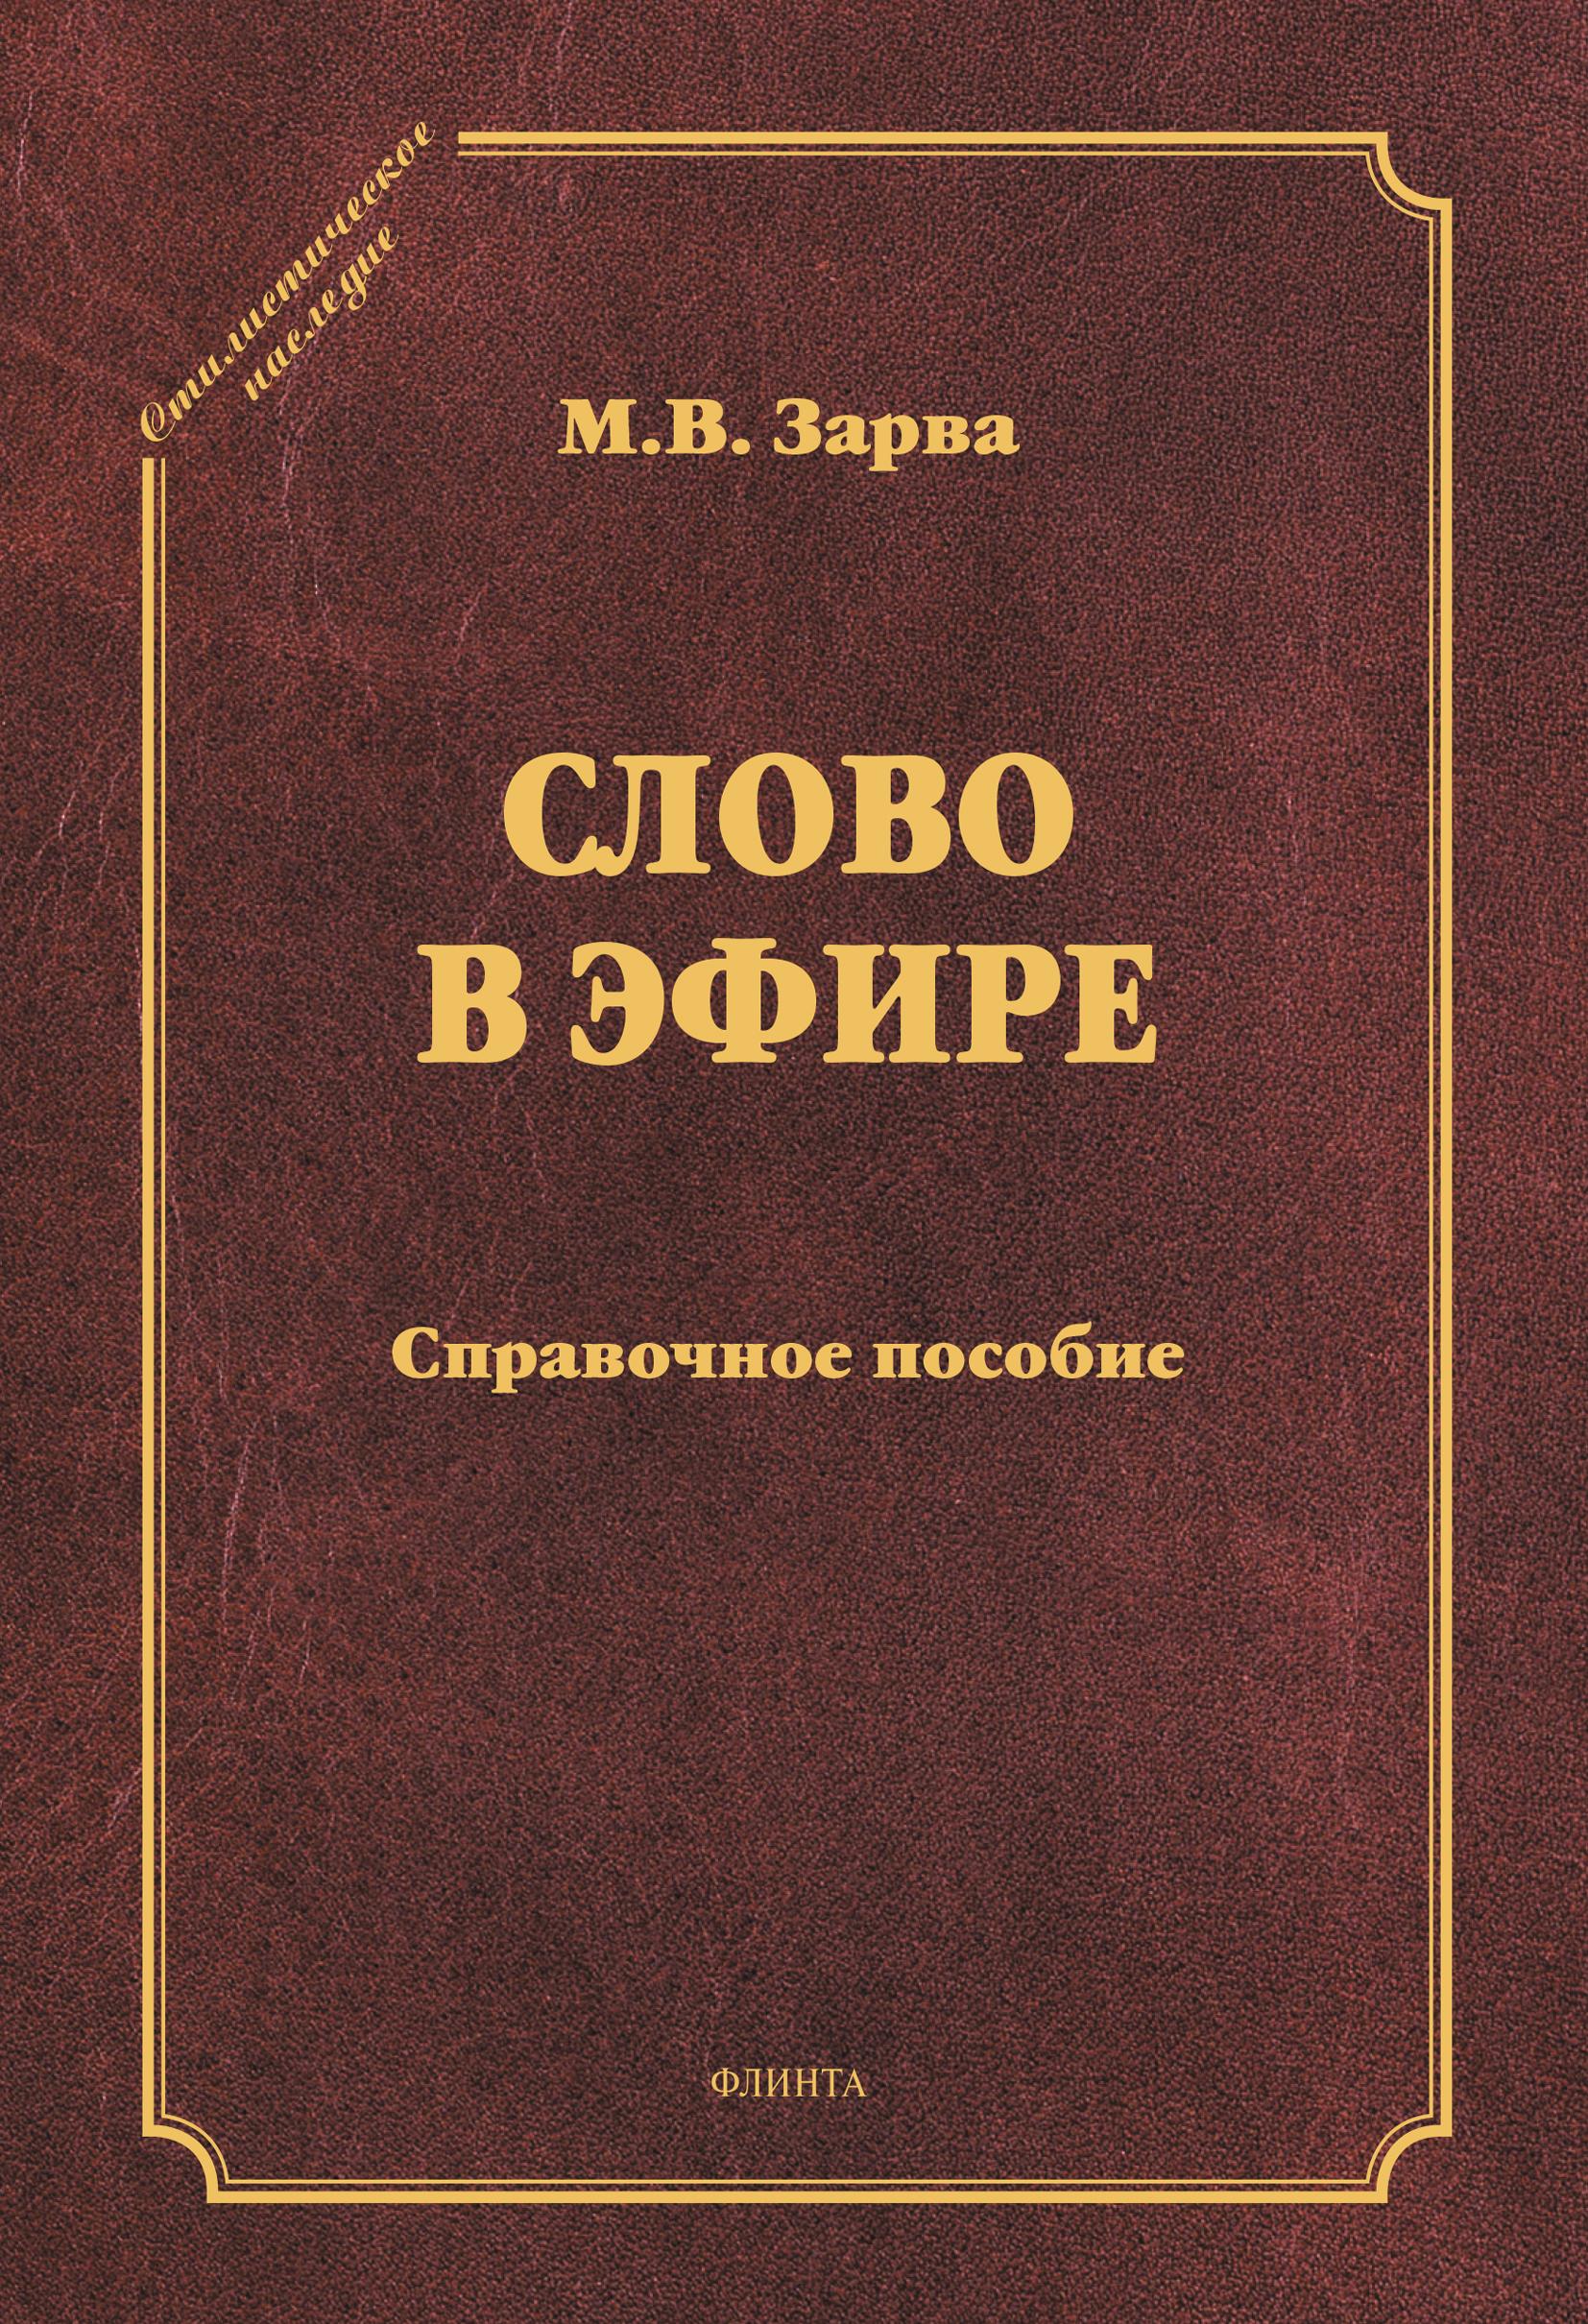 цена на М. В. Зарва Слово в эфире. Справочное пособие